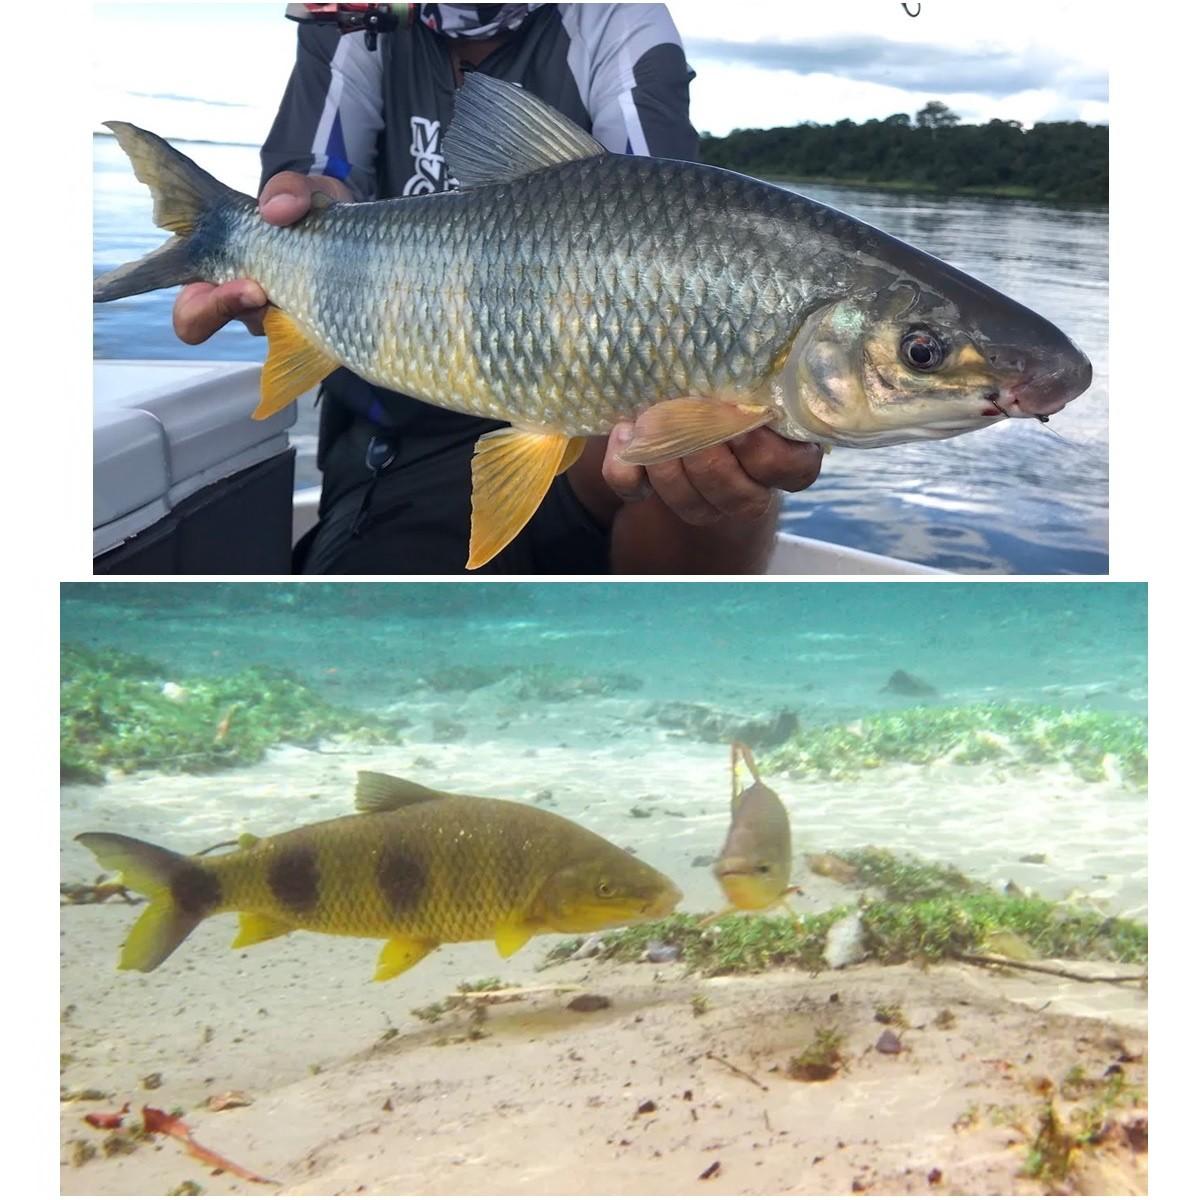 Kit de Pesca Básico Pescaria Completa Maleta Linha Anzol e Itens